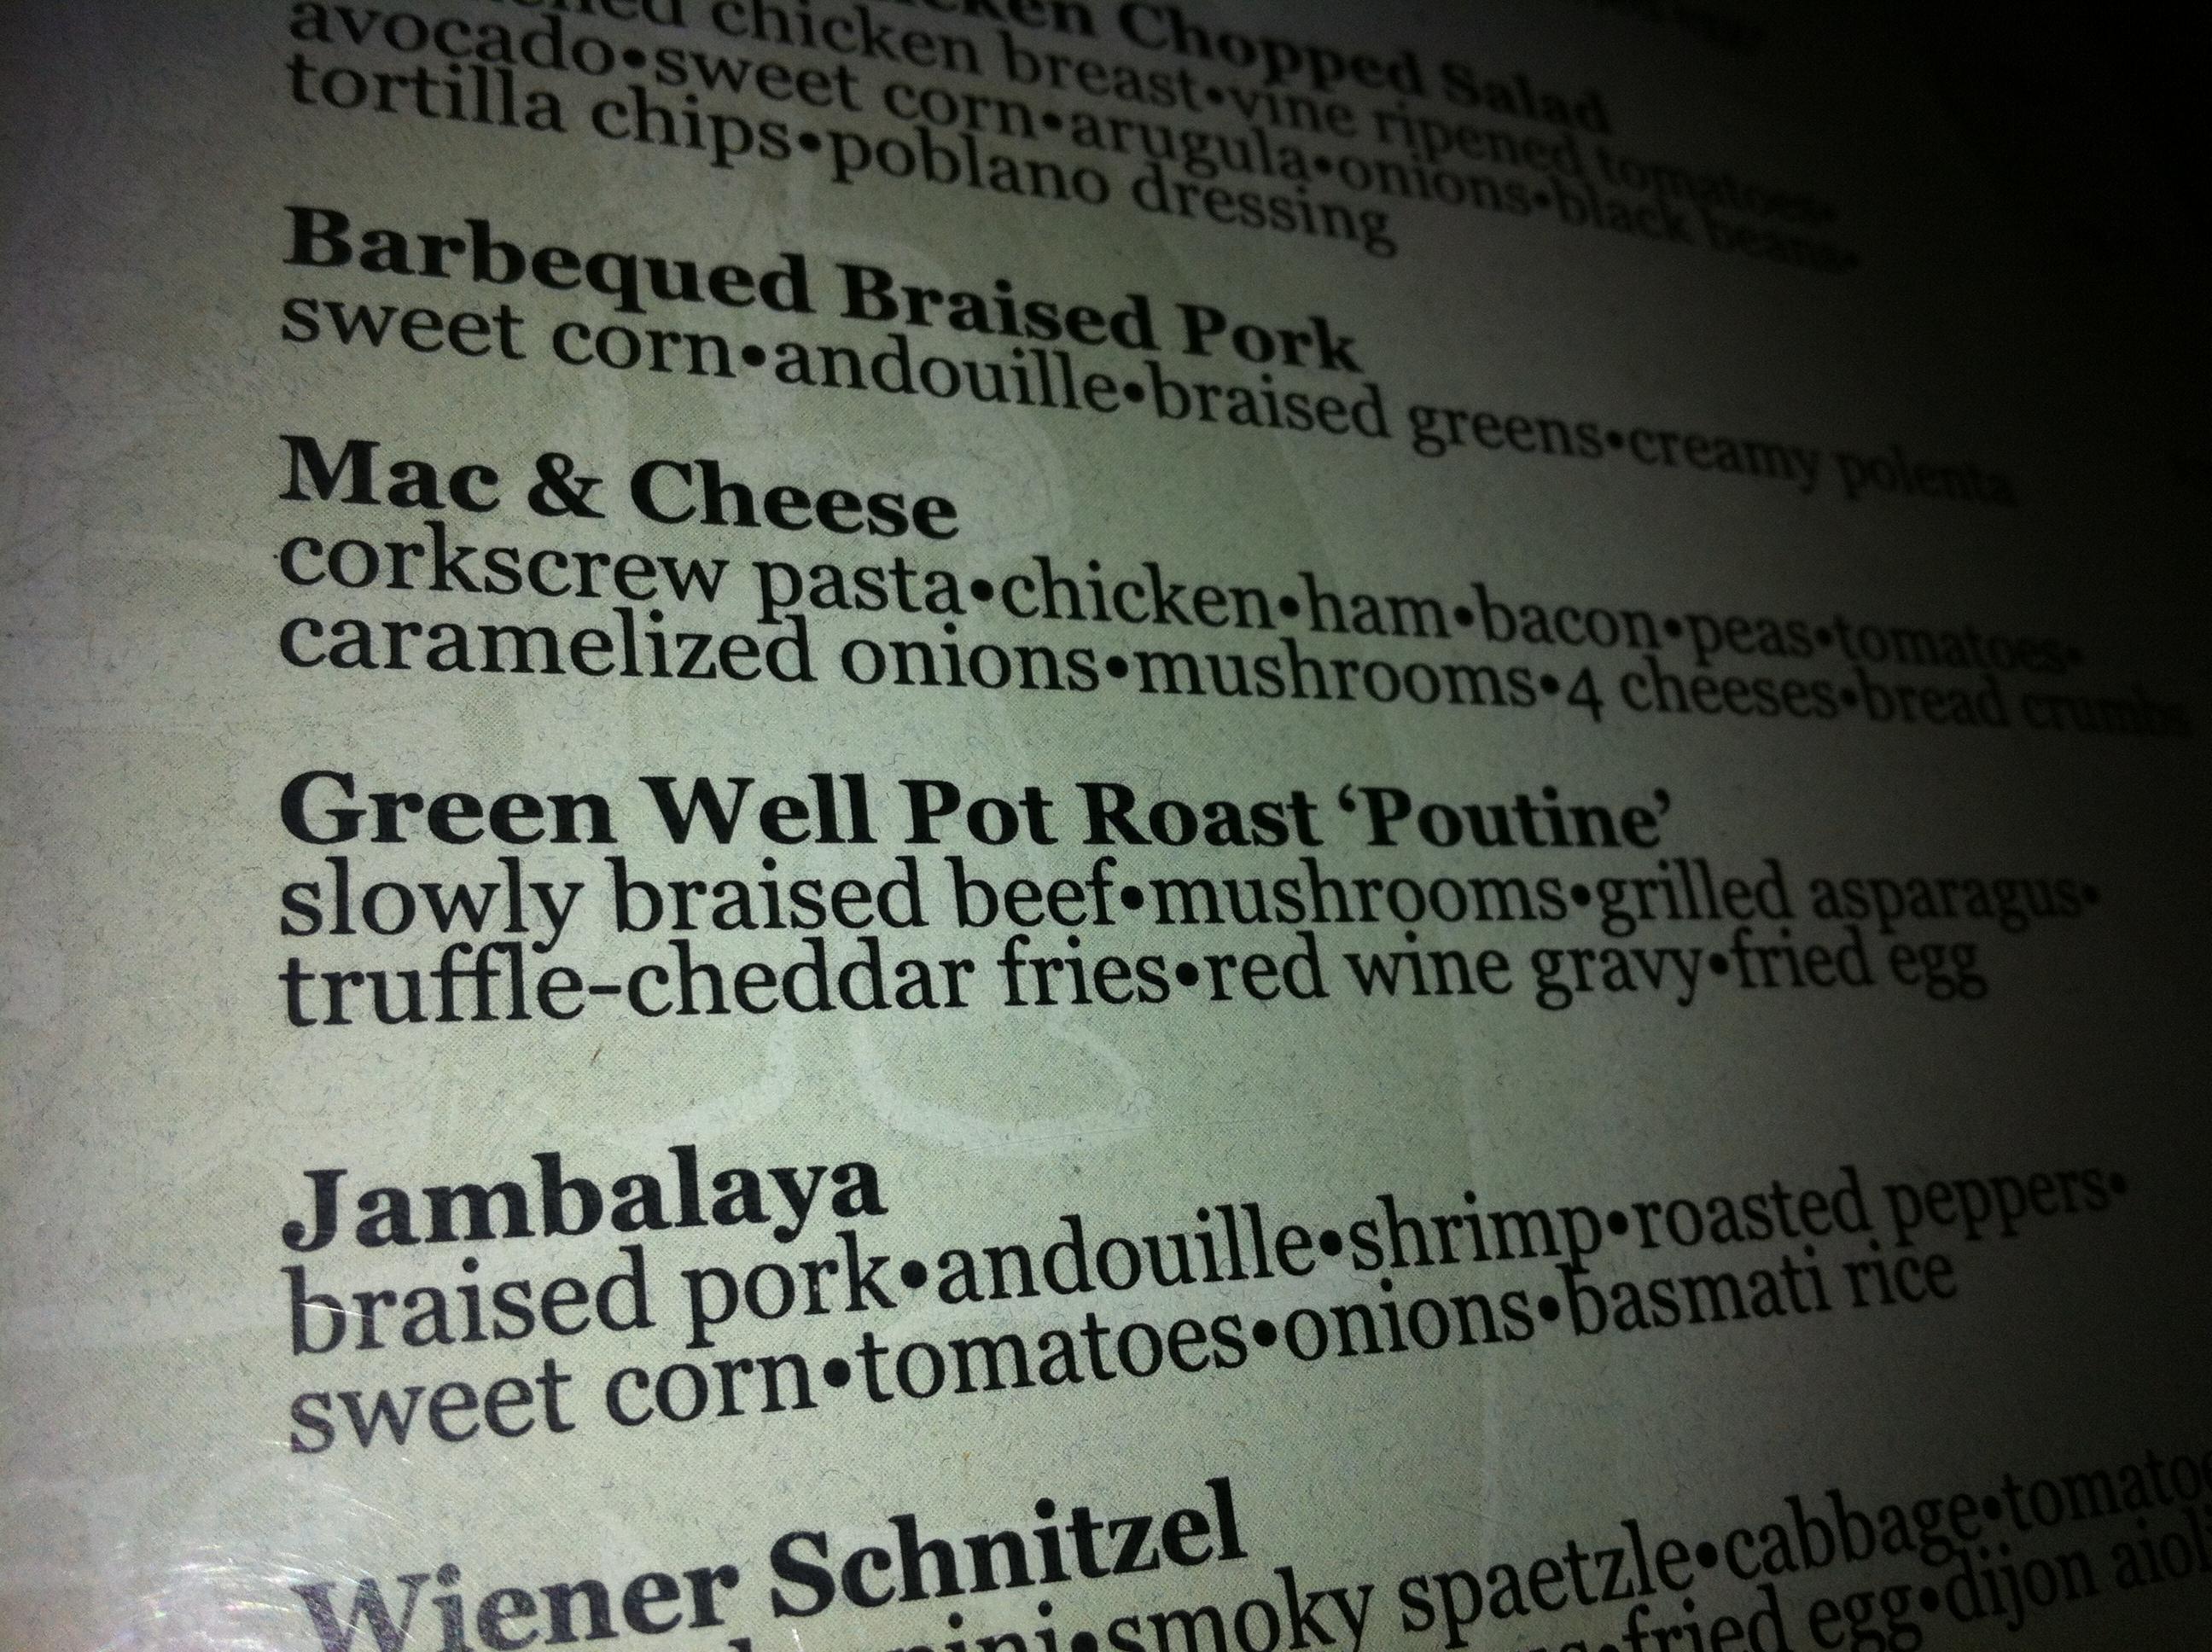 food truck menu descriptions